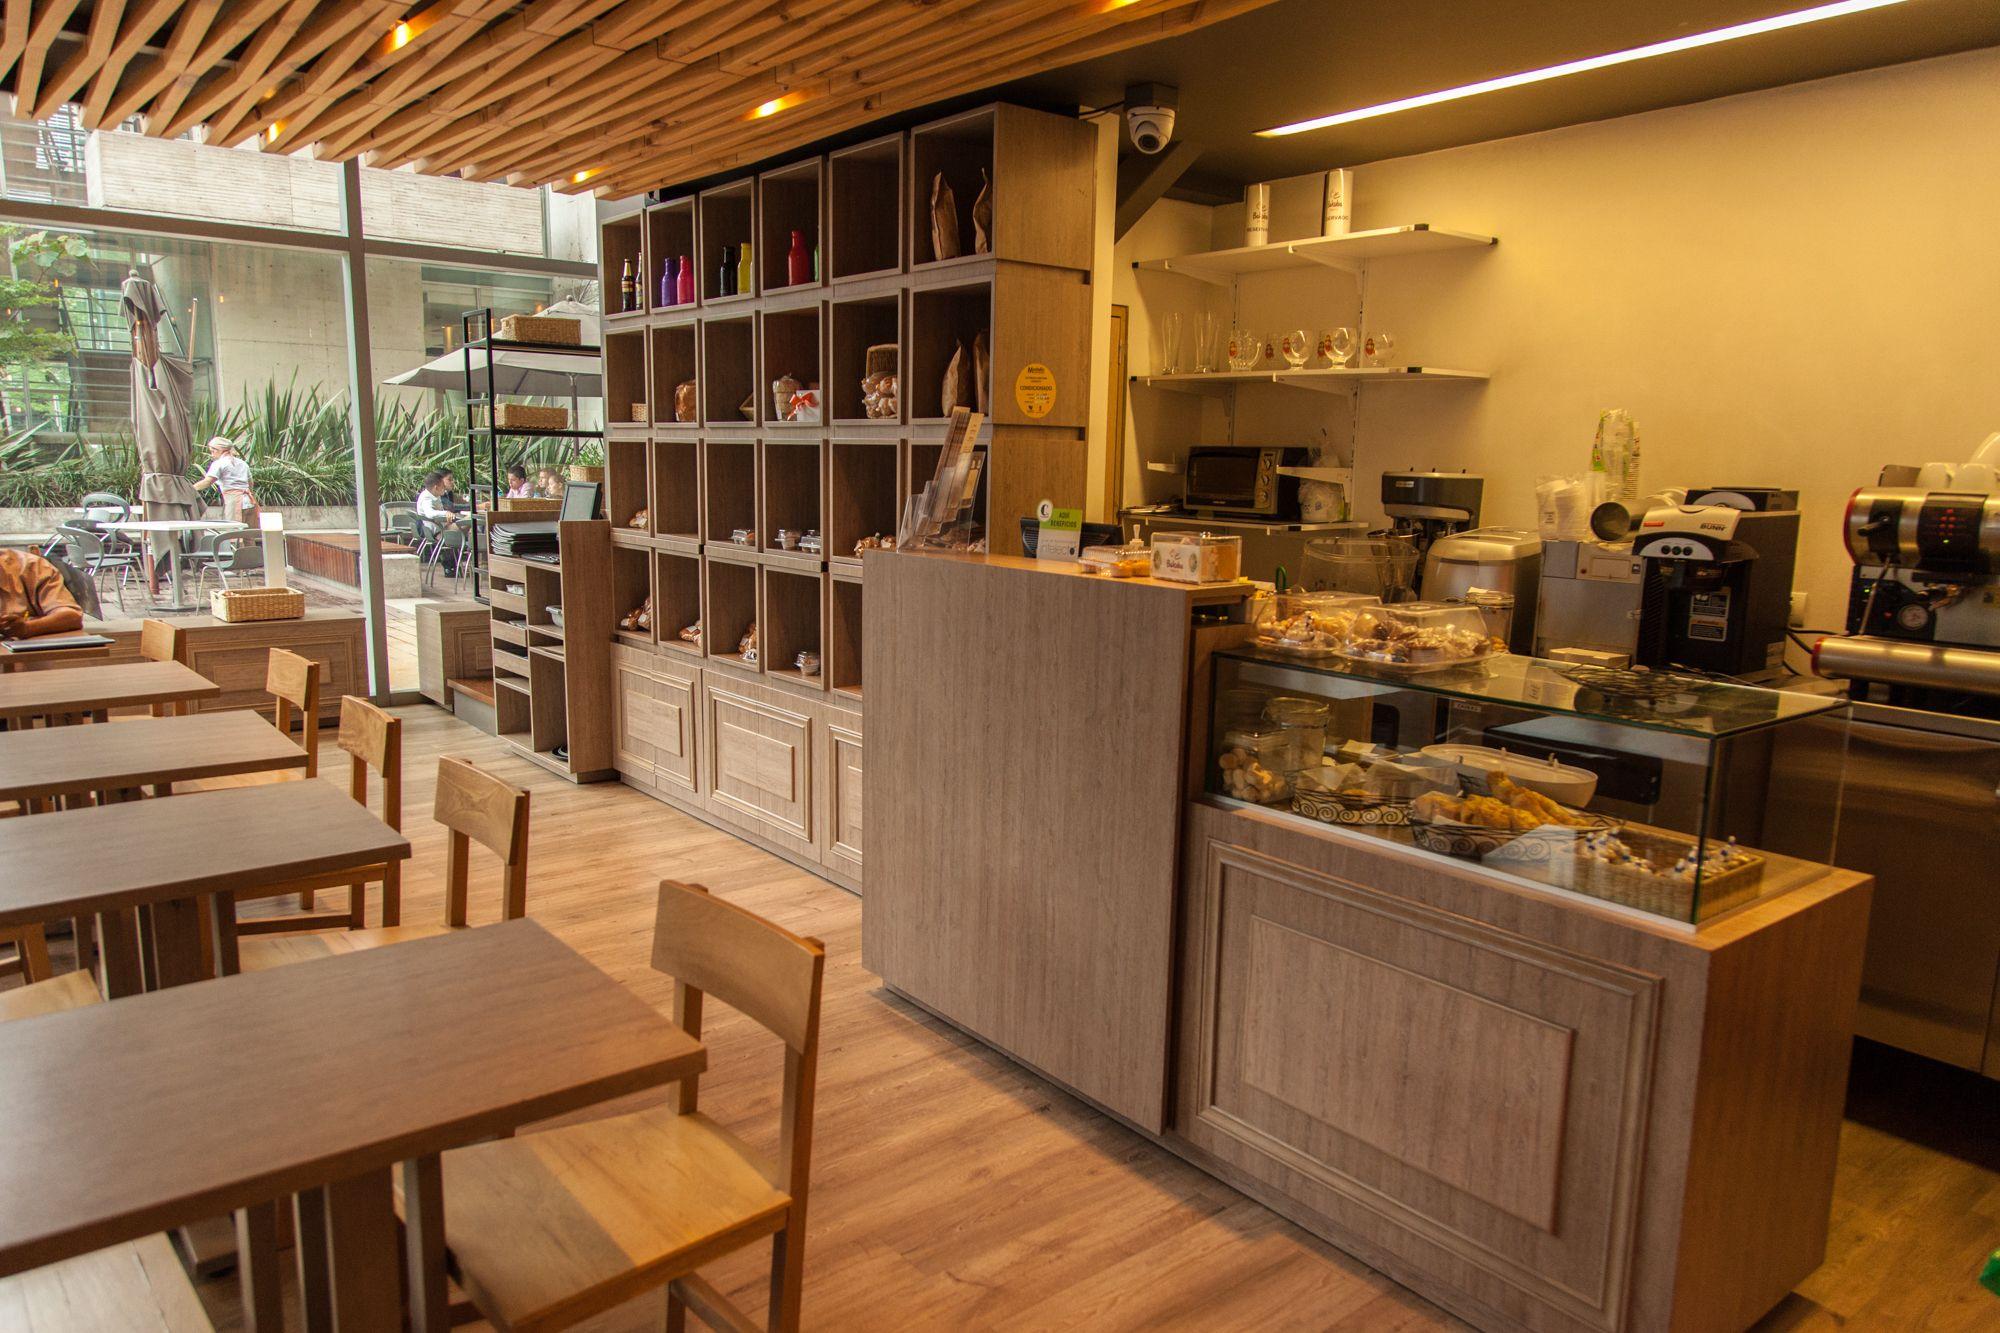 Nombre Del Proyecto Bakuba Bakery Ubicaci N Ciudad Del R O  # Muebles Tablemac